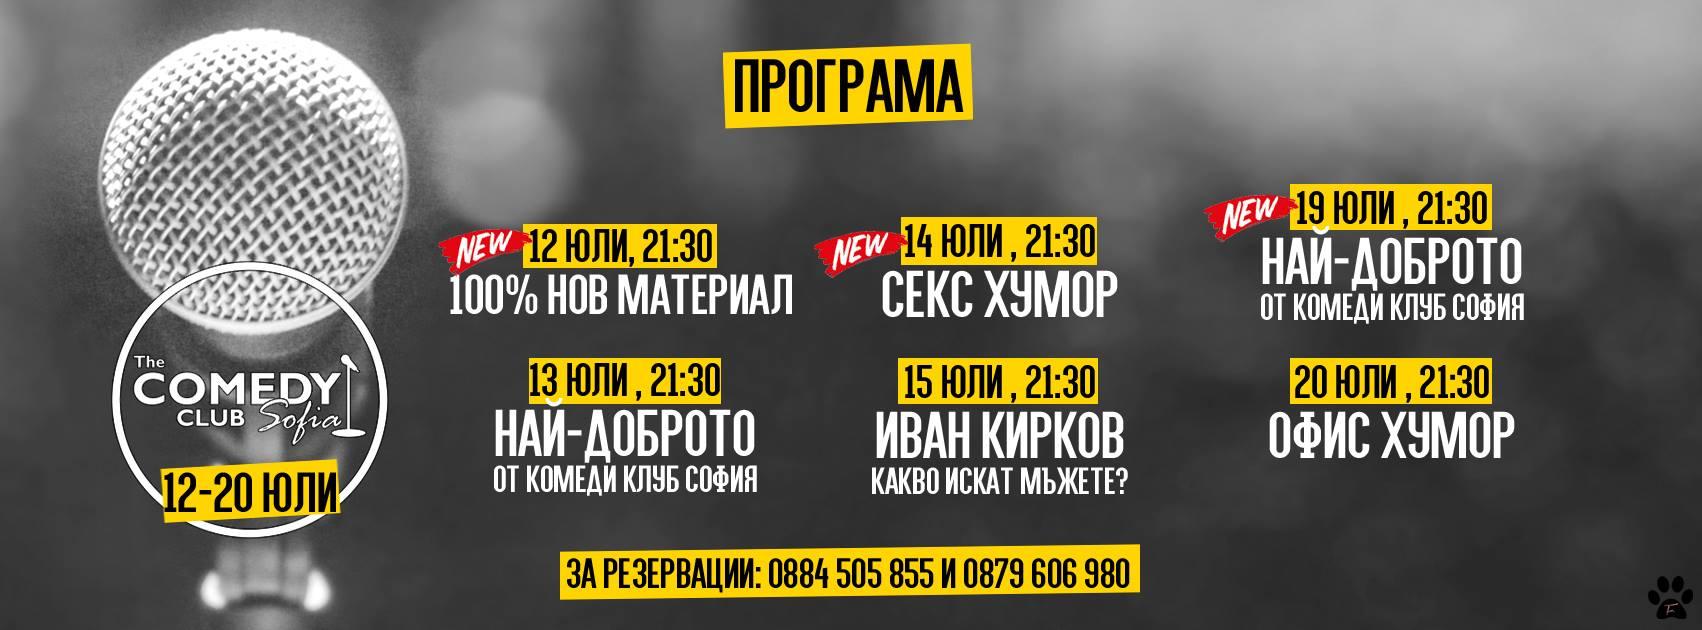 програмата на стендъпа в България за юли